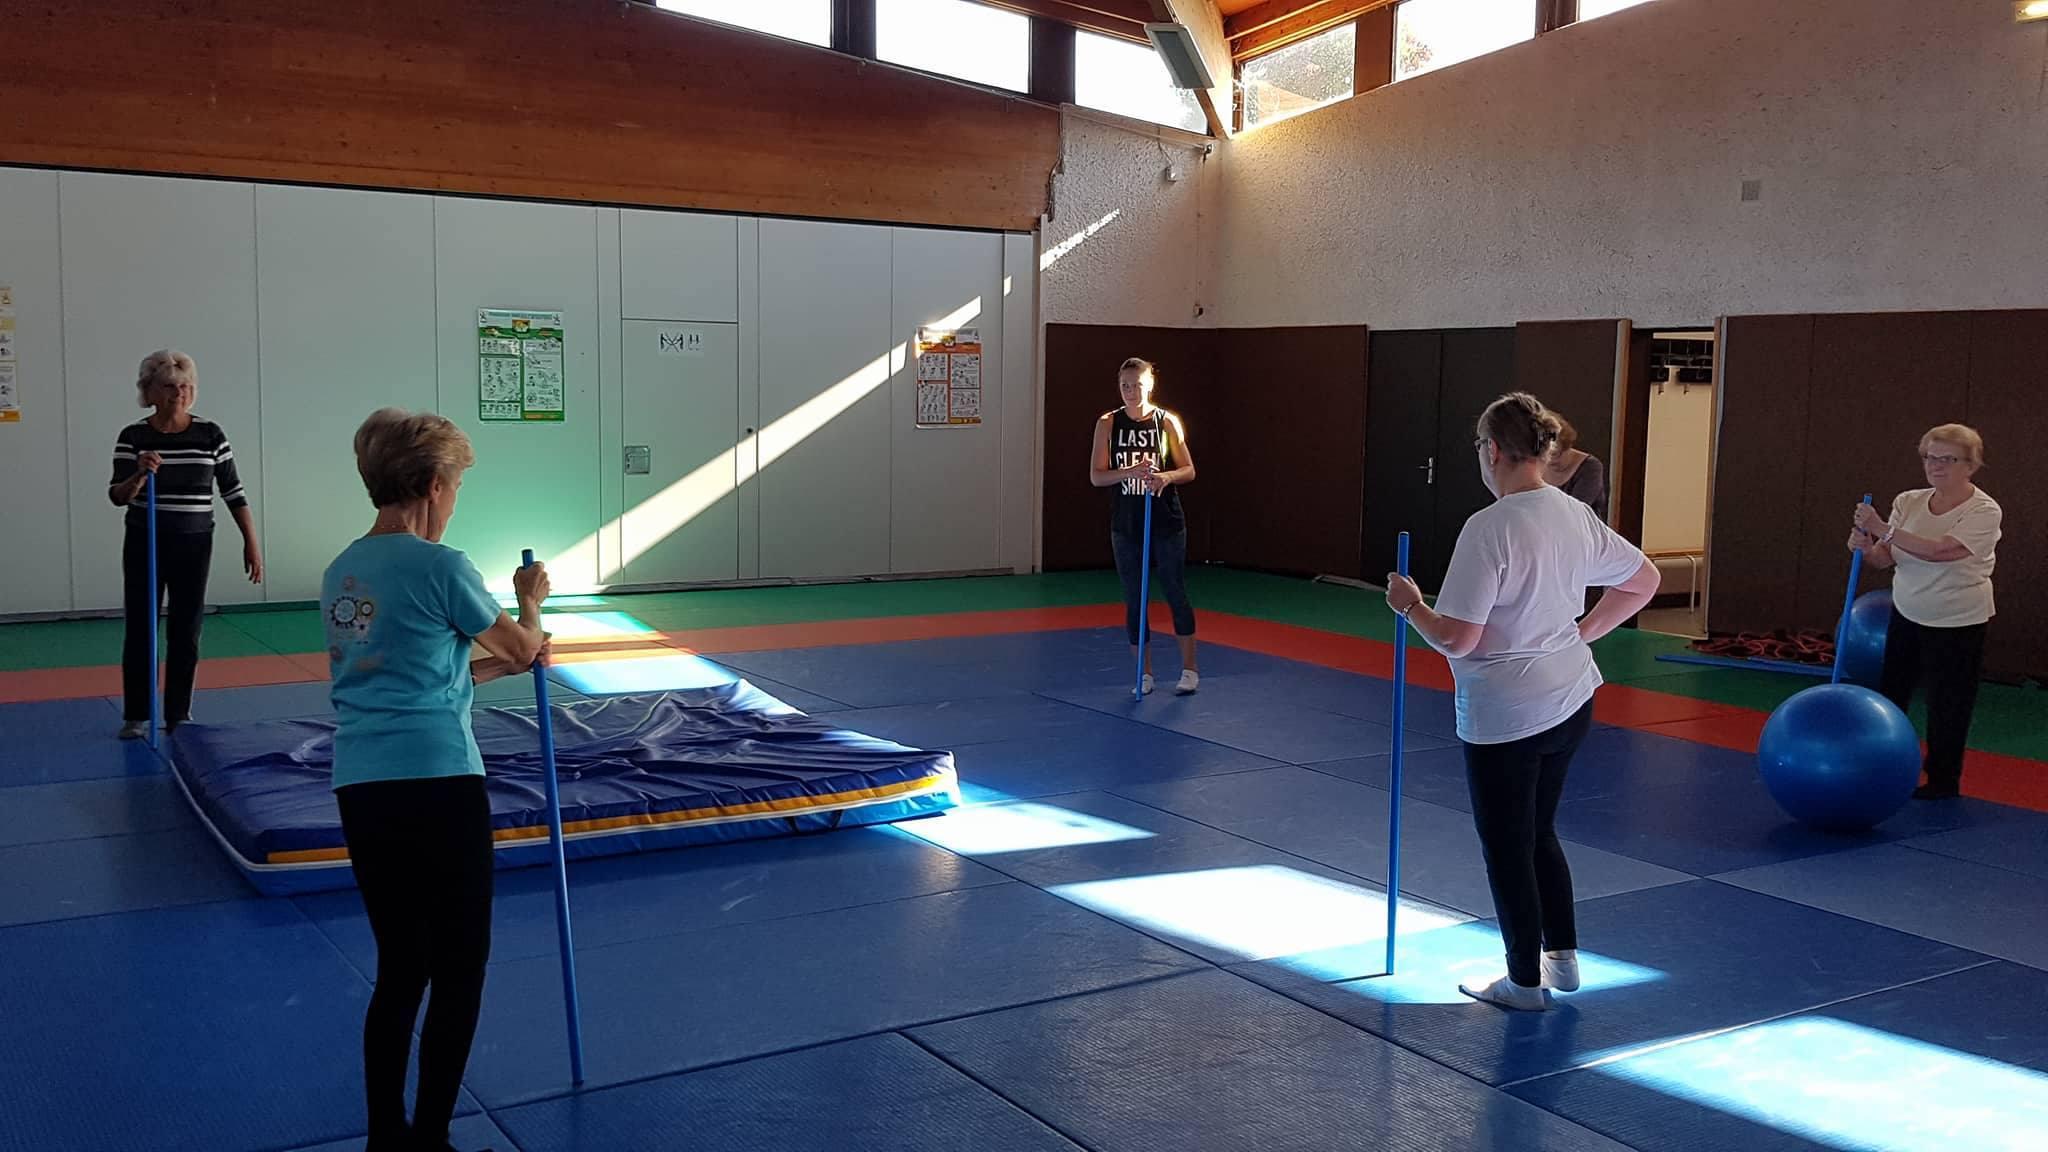 Réunion d'information Atelier Fit back (gym douce, sport, équilibre) pour seniors